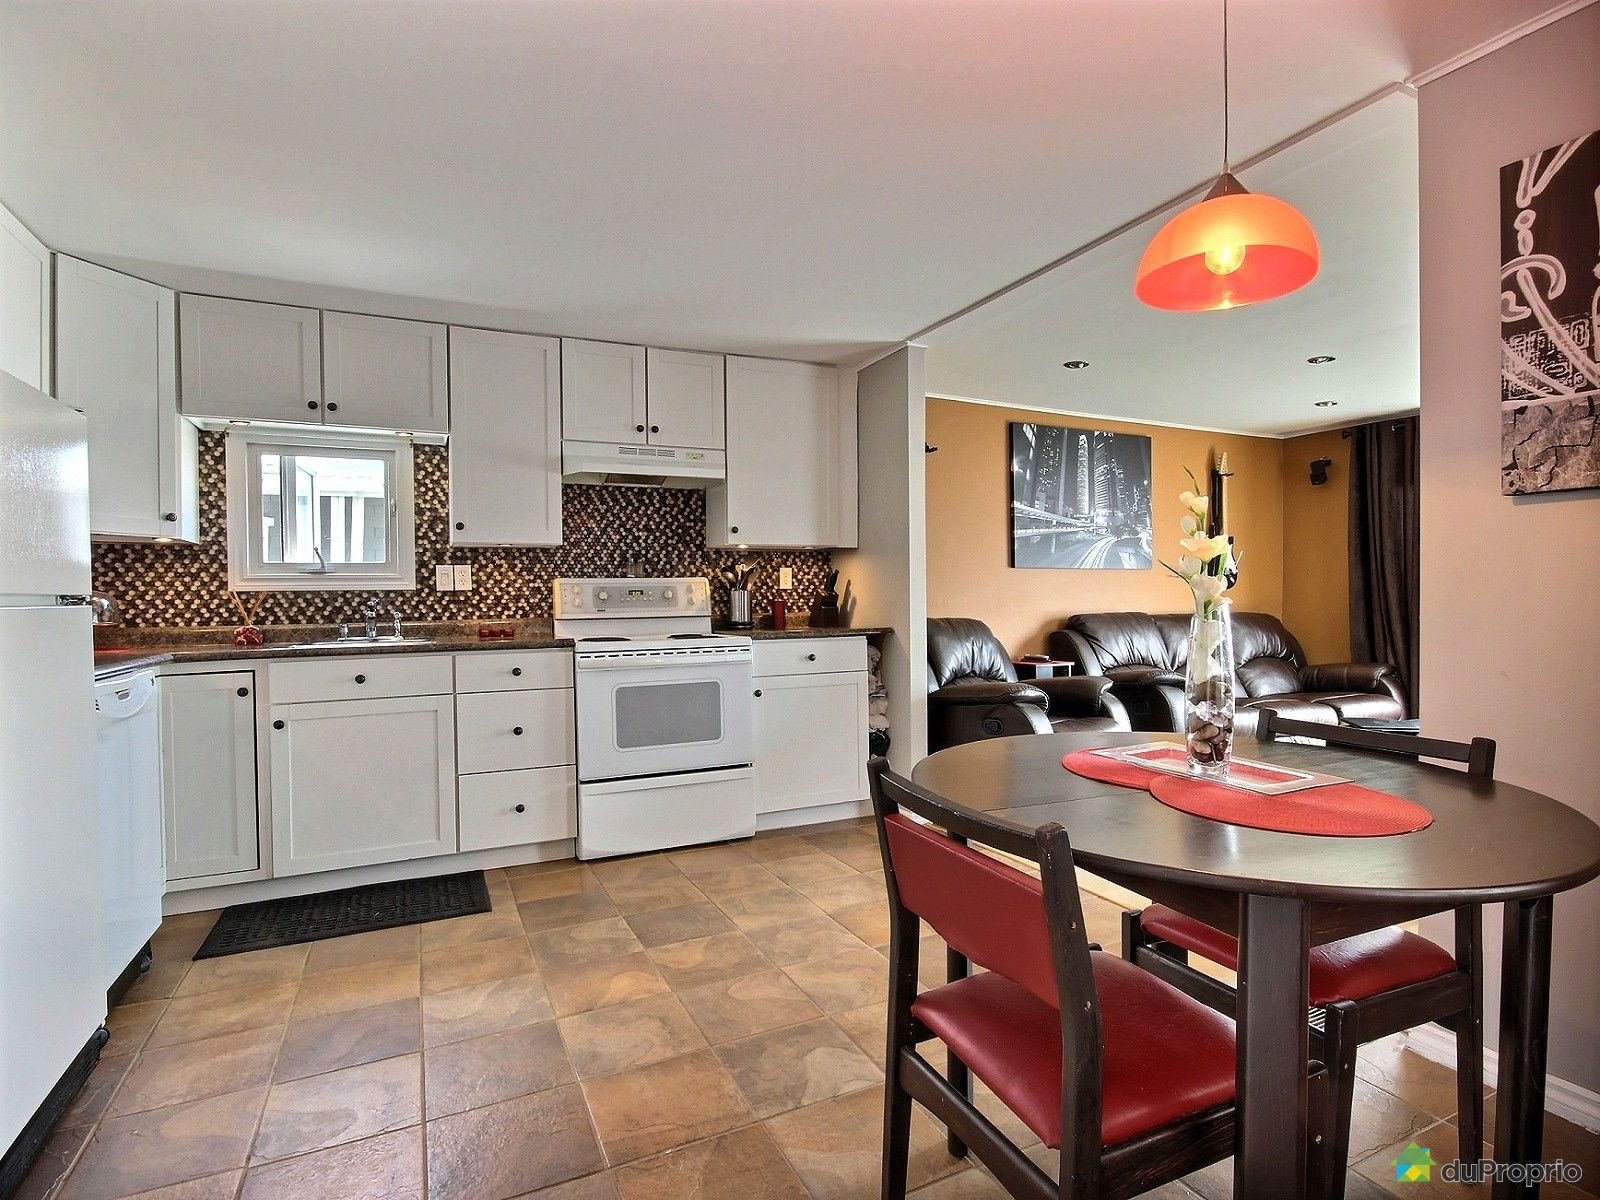 maison vendu ch teau richer immobilier qu bec duproprio 533908. Black Bedroom Furniture Sets. Home Design Ideas